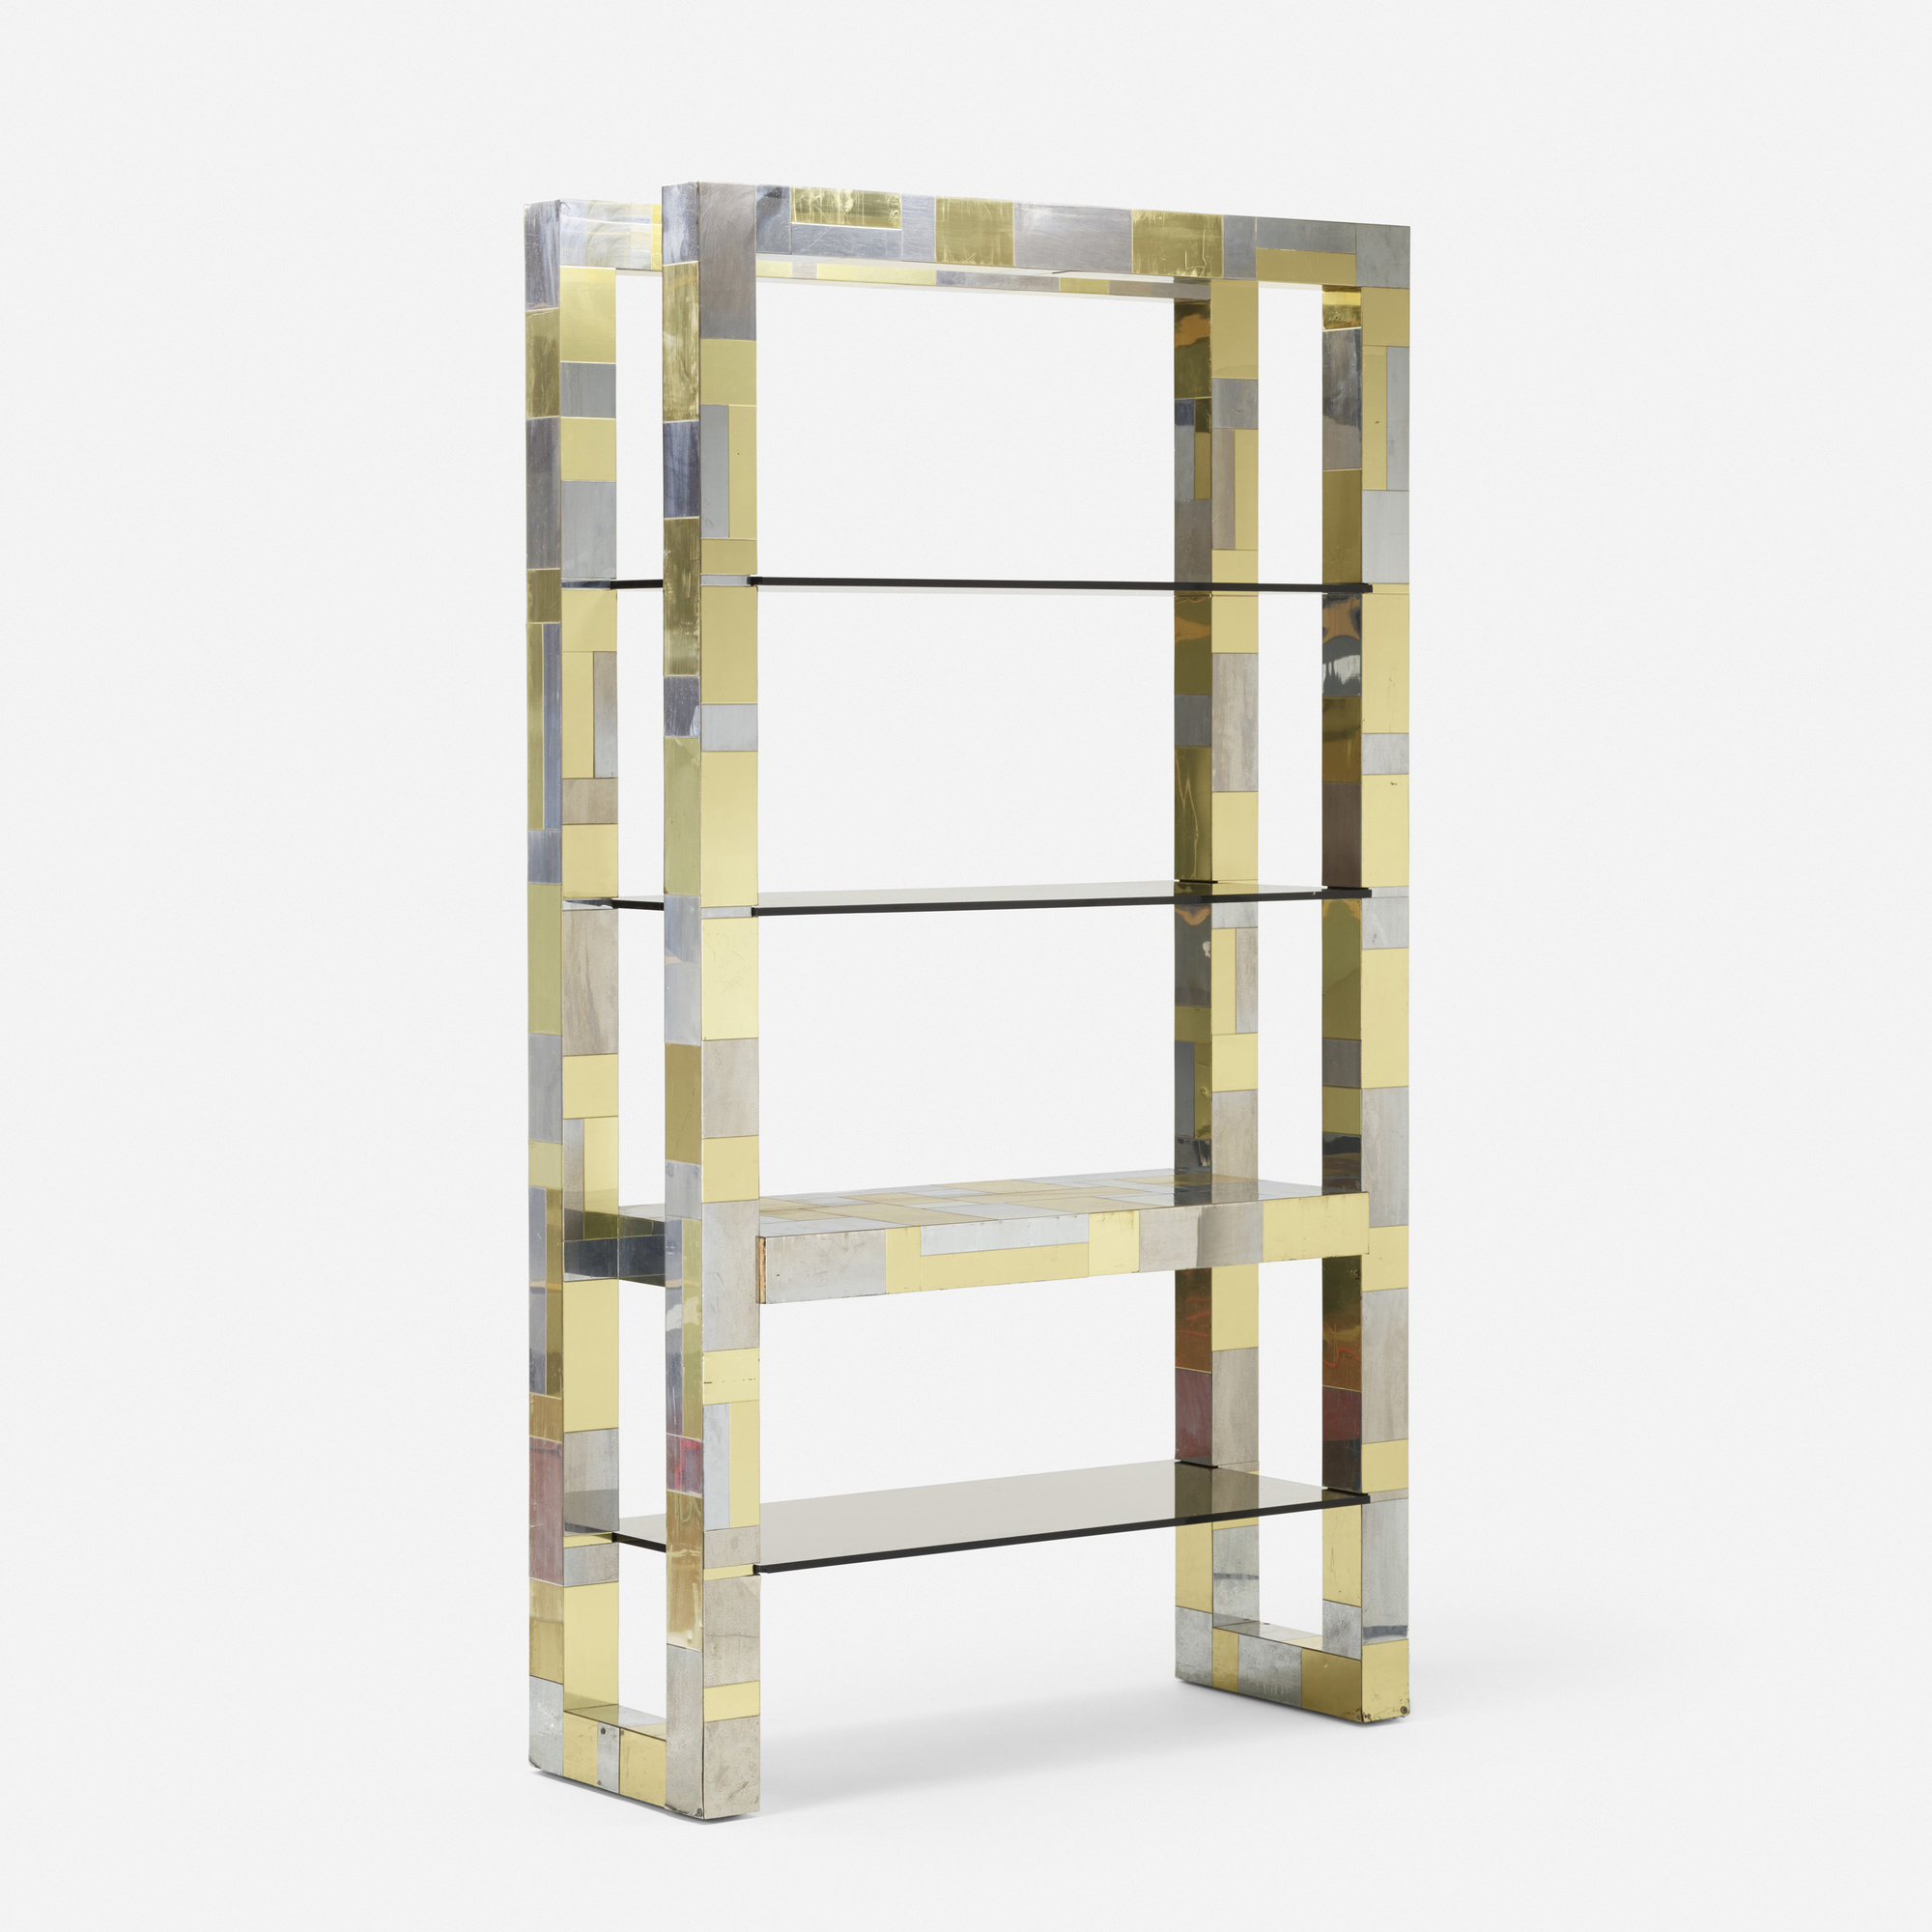 281: Paul Evans / Cityscape bookcase (1 of 2)